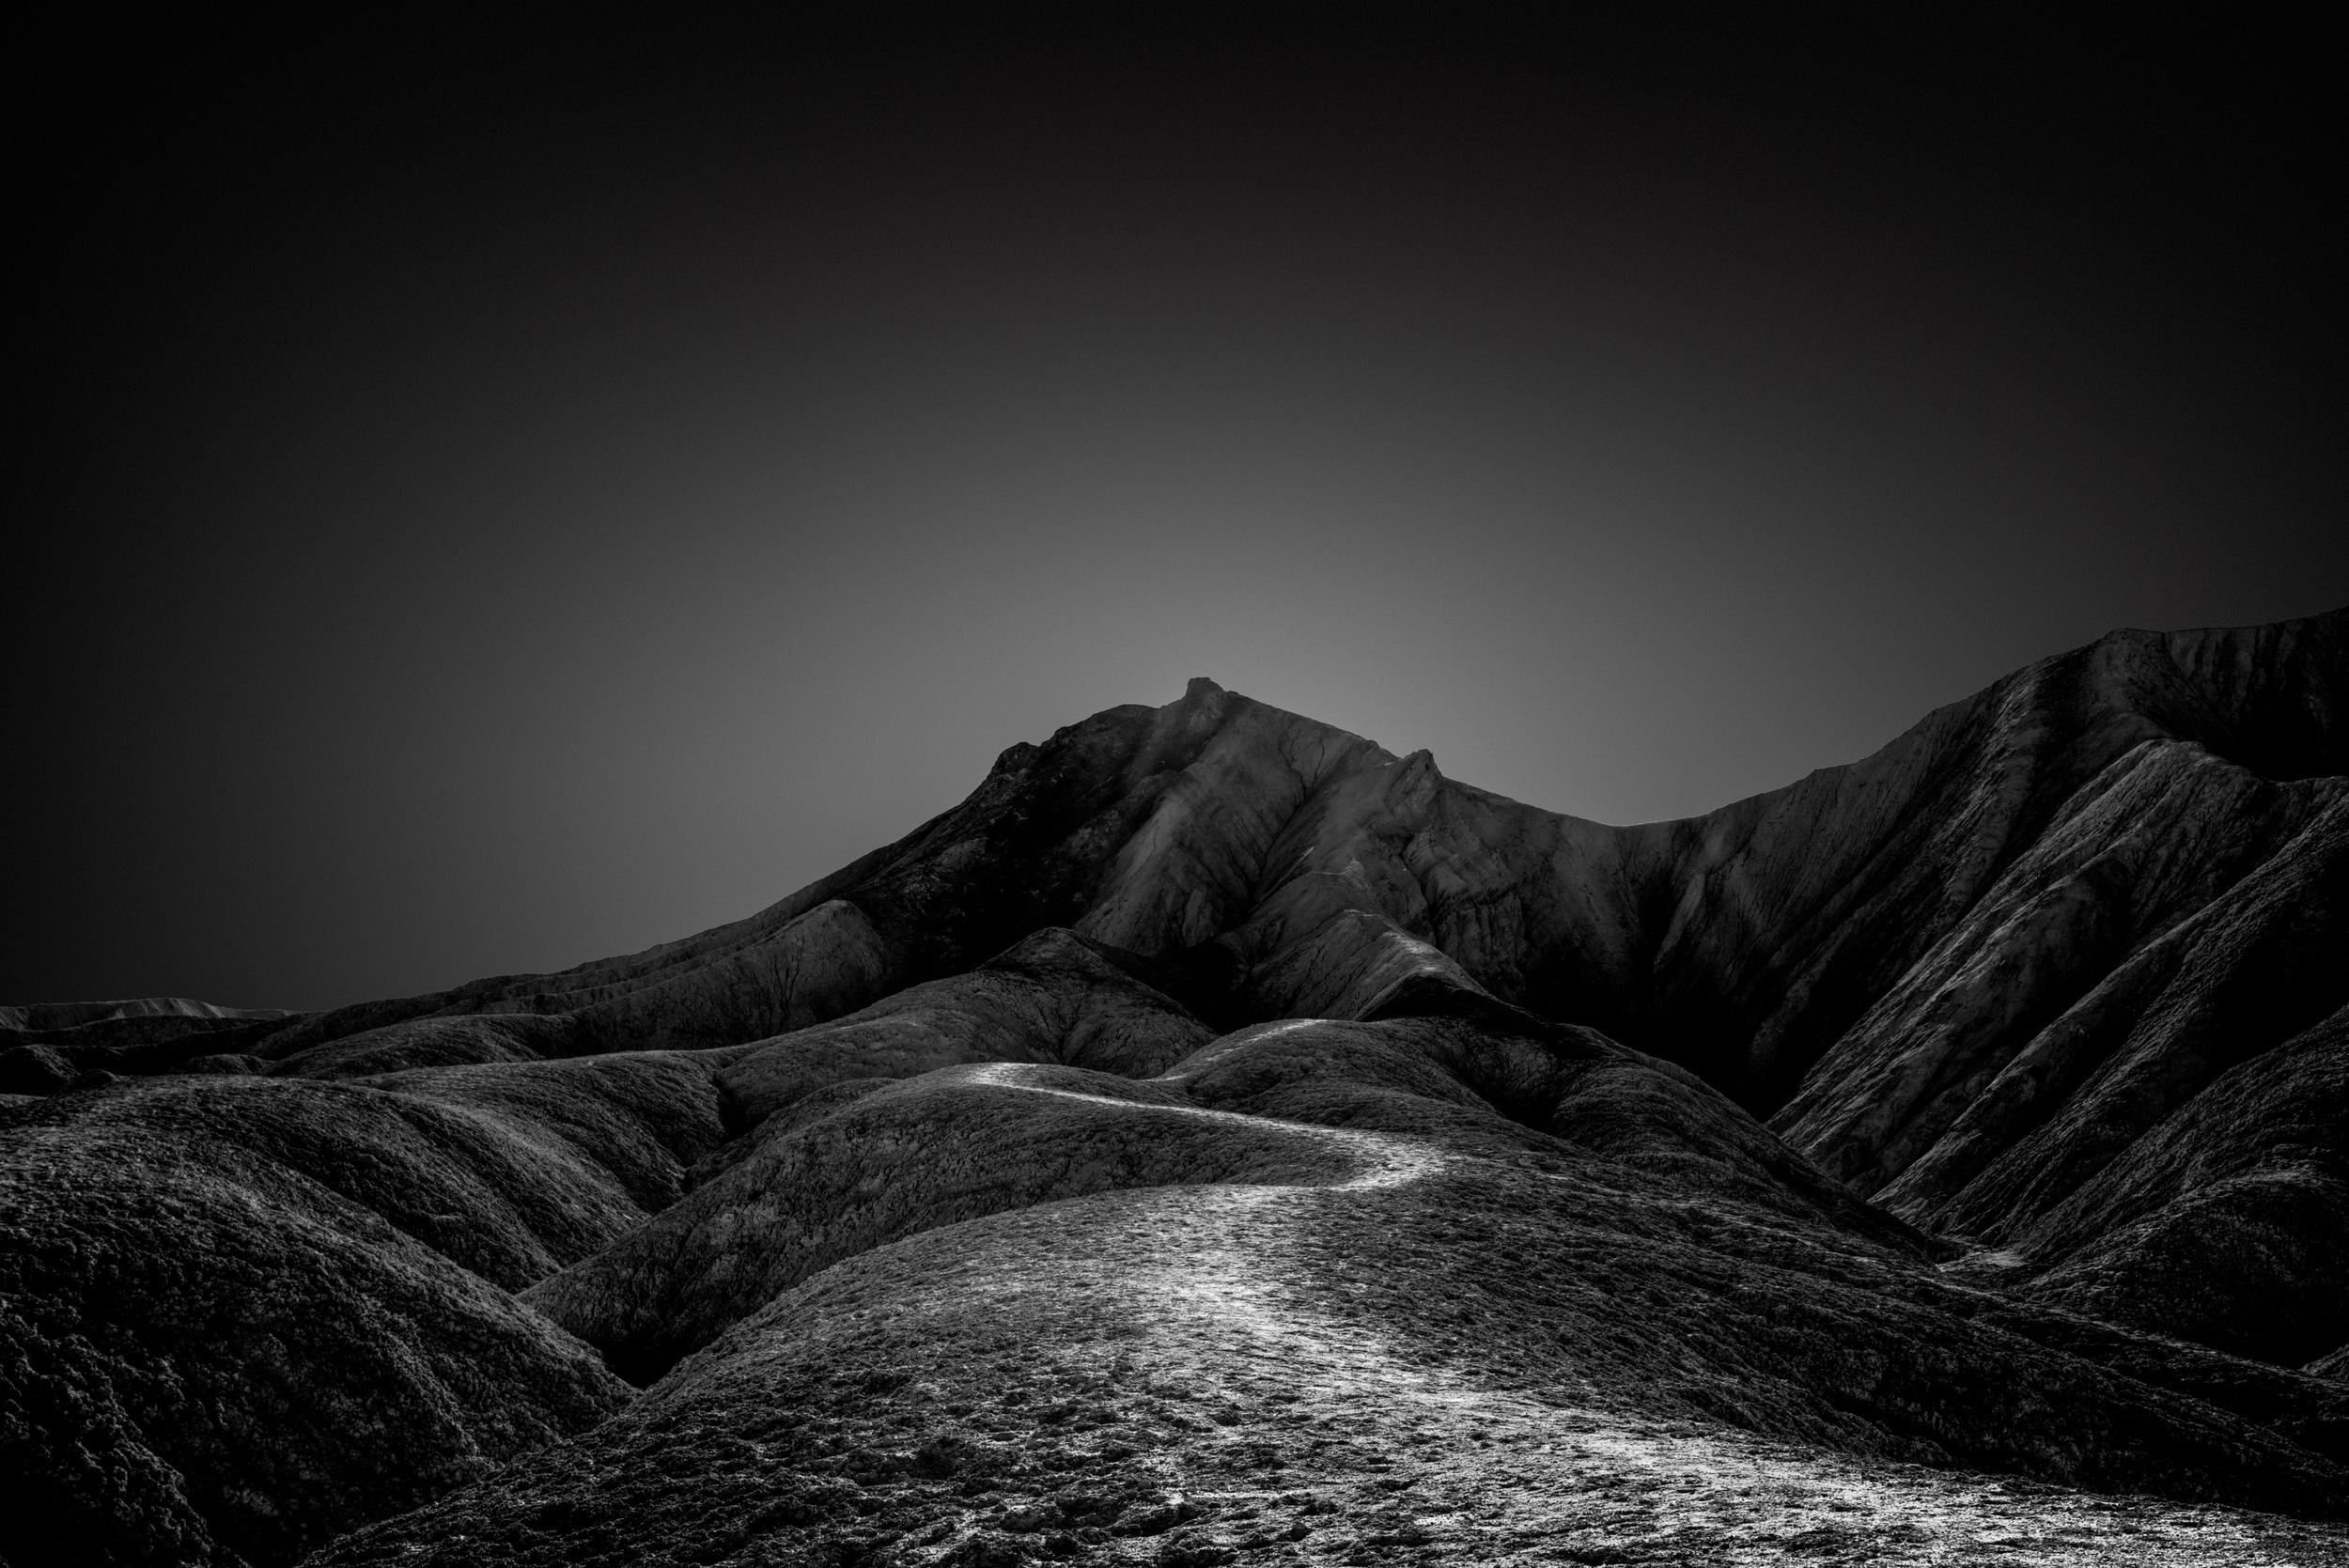 deathvalley-2712-Edit.jpg